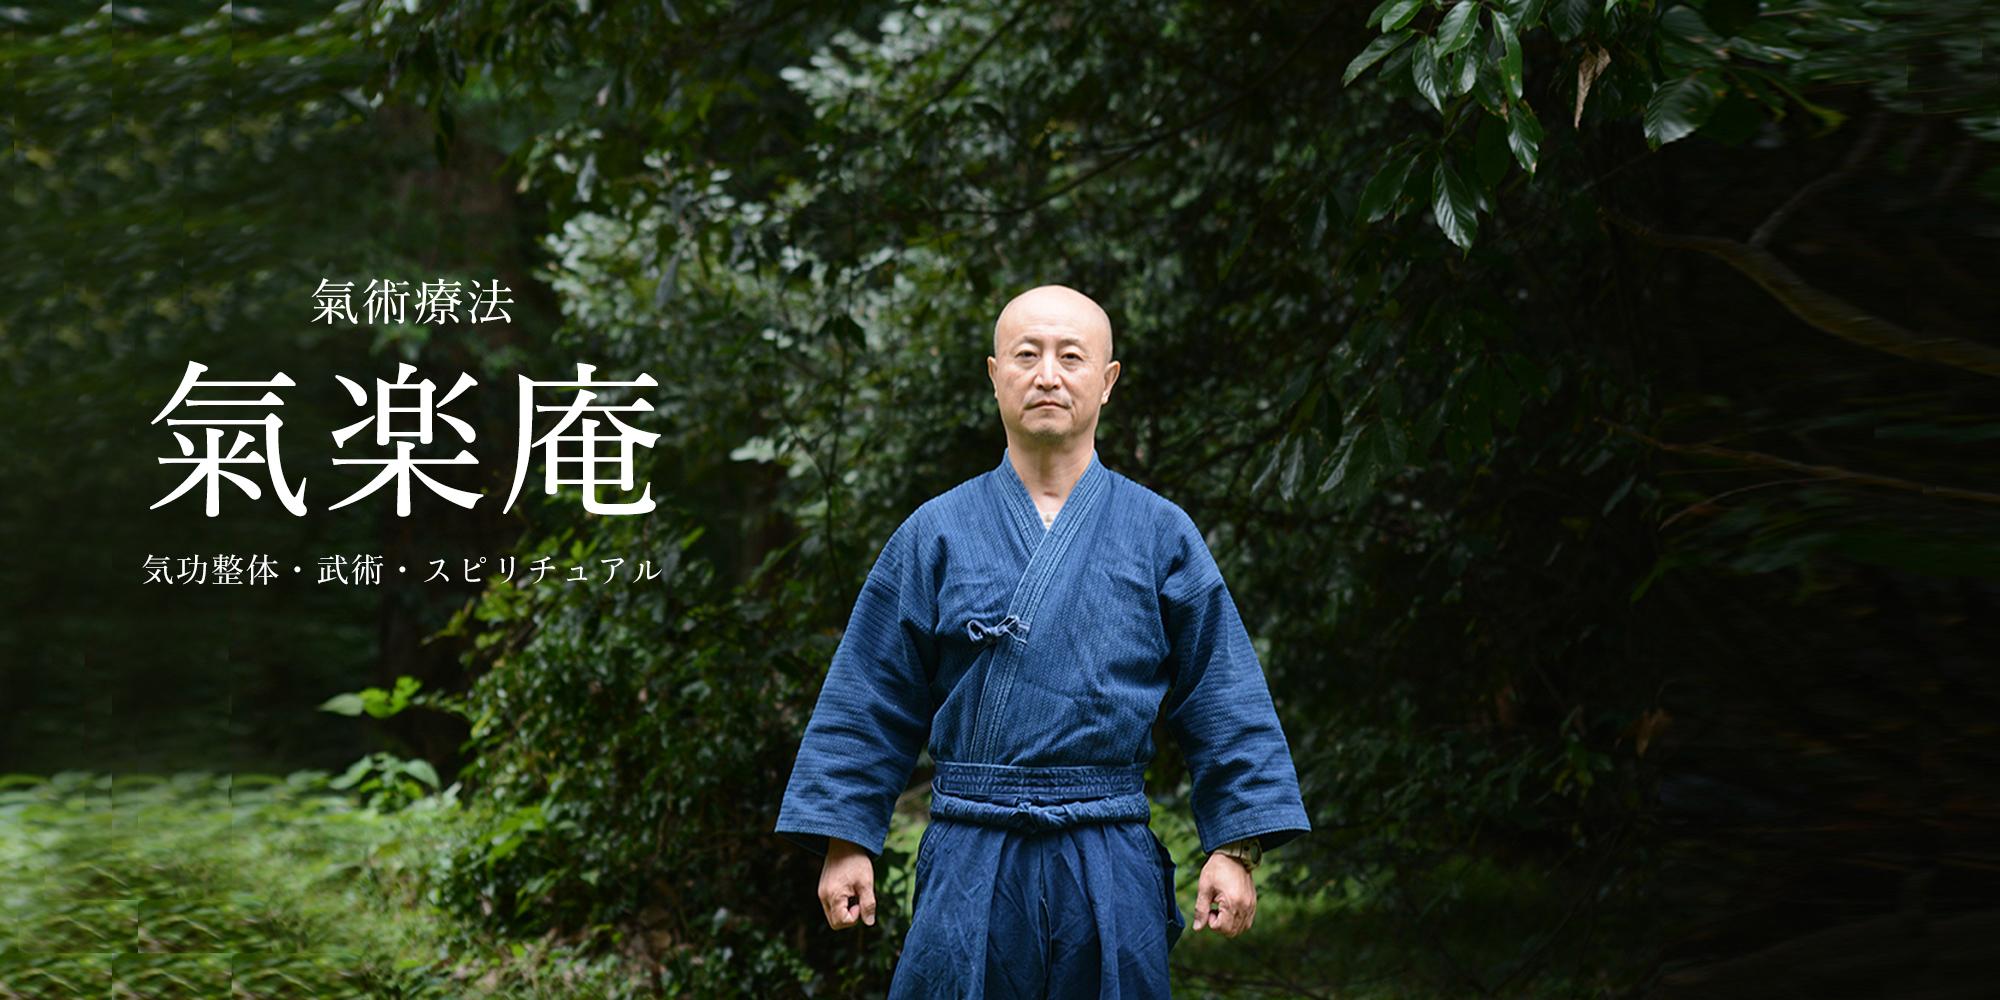 伊豆 整体 スピリチュアル 武術 気術療法 気楽庵